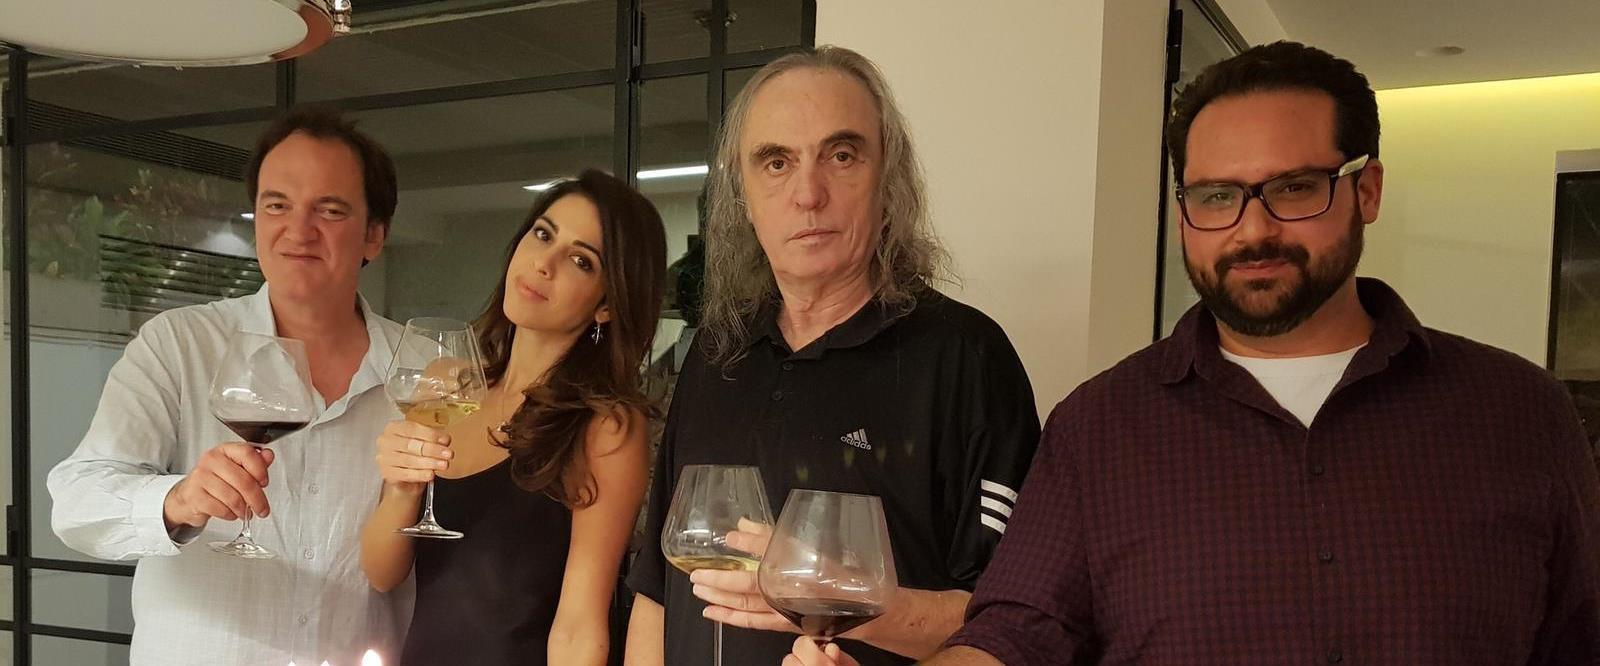 צביקה פיק, דניאלה פיק וקוונטין טרנטינו